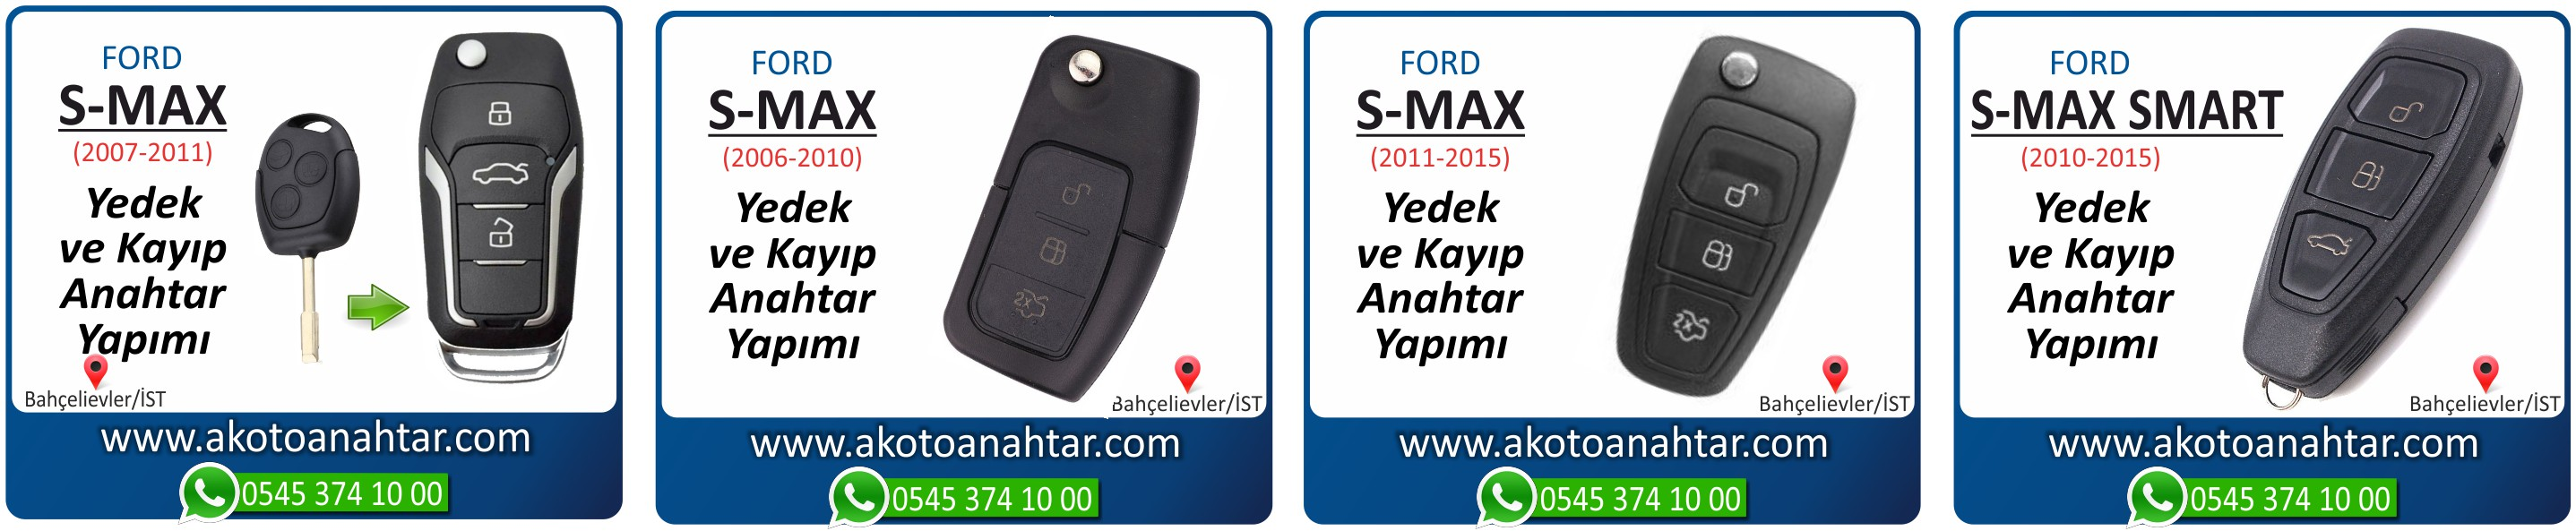 S max smax anahtari - Ford S-Max Smart Anahtarı | Yedek ve Kayıp Anahtar Yapımı